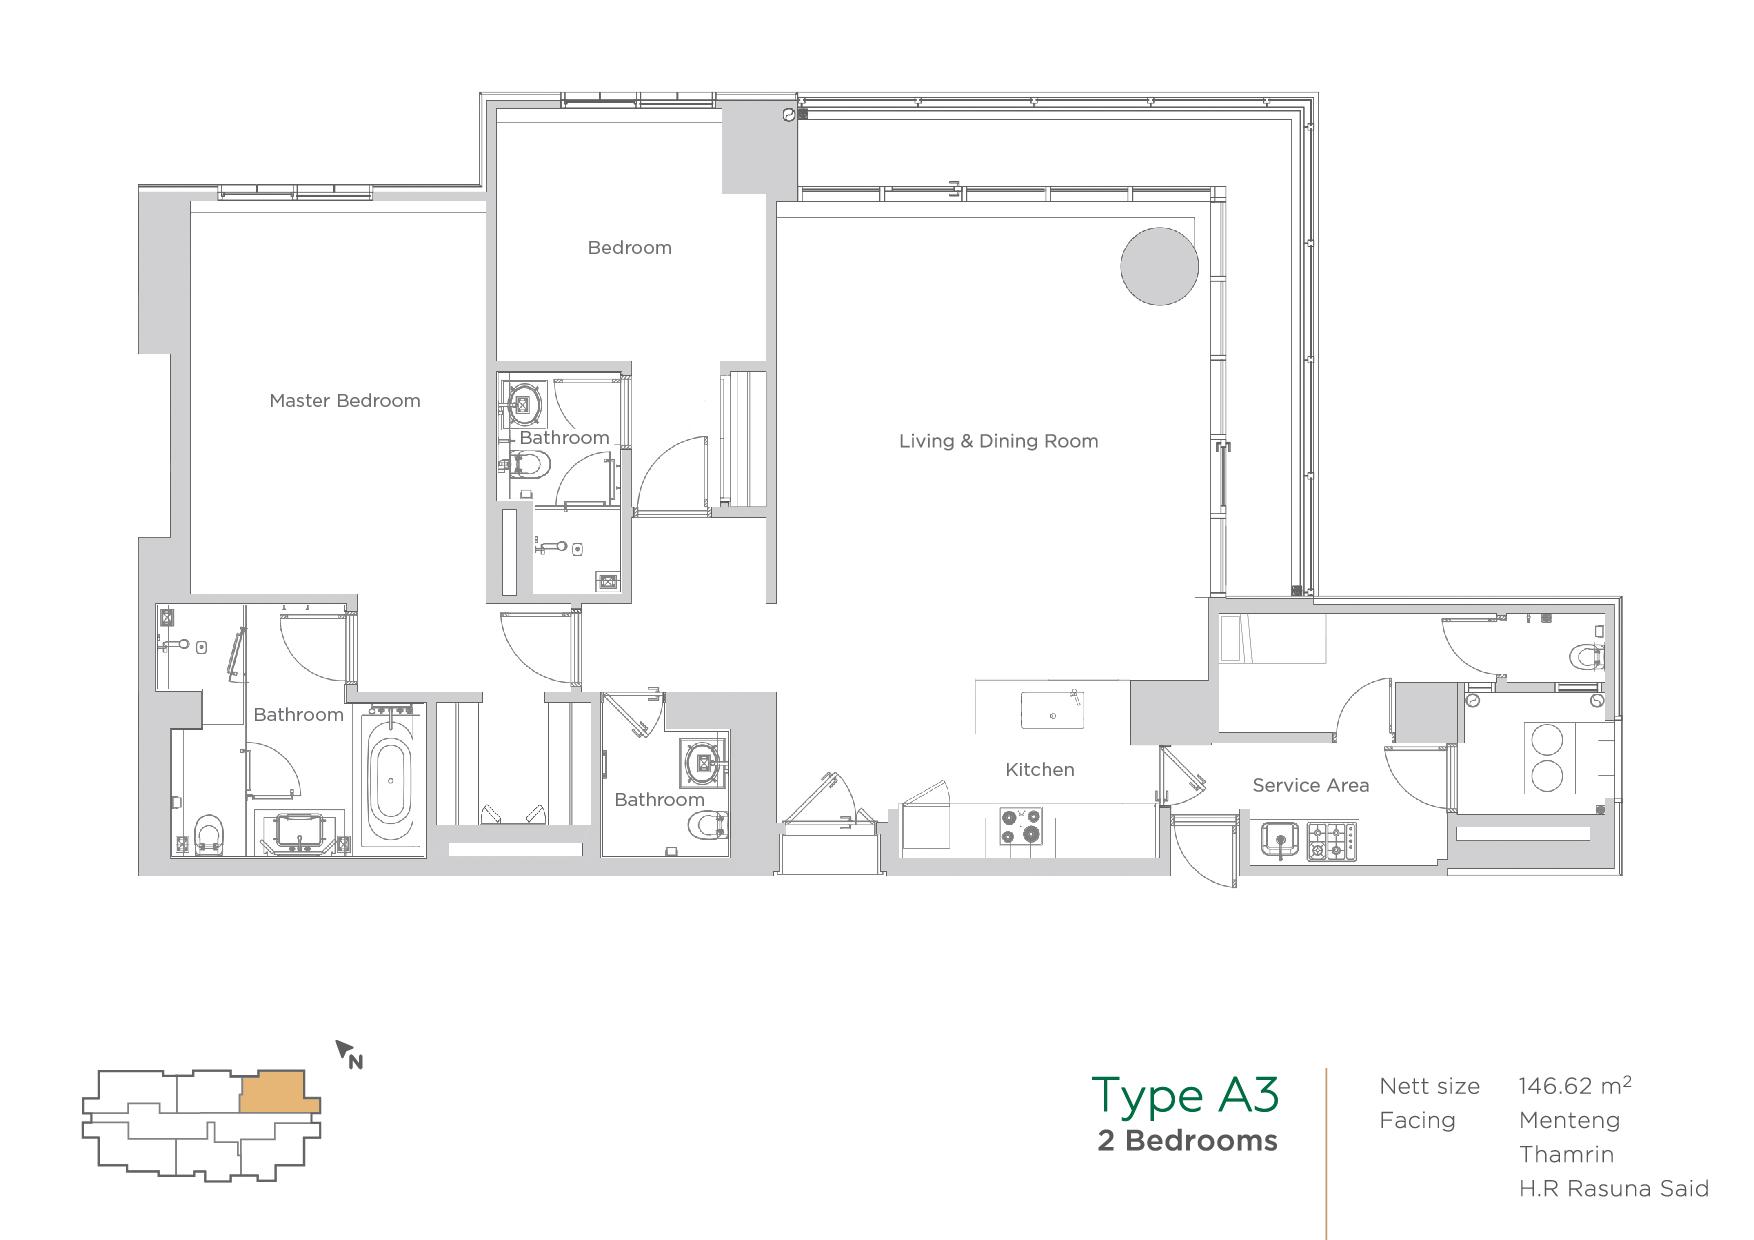 terraverde unit layout type A3